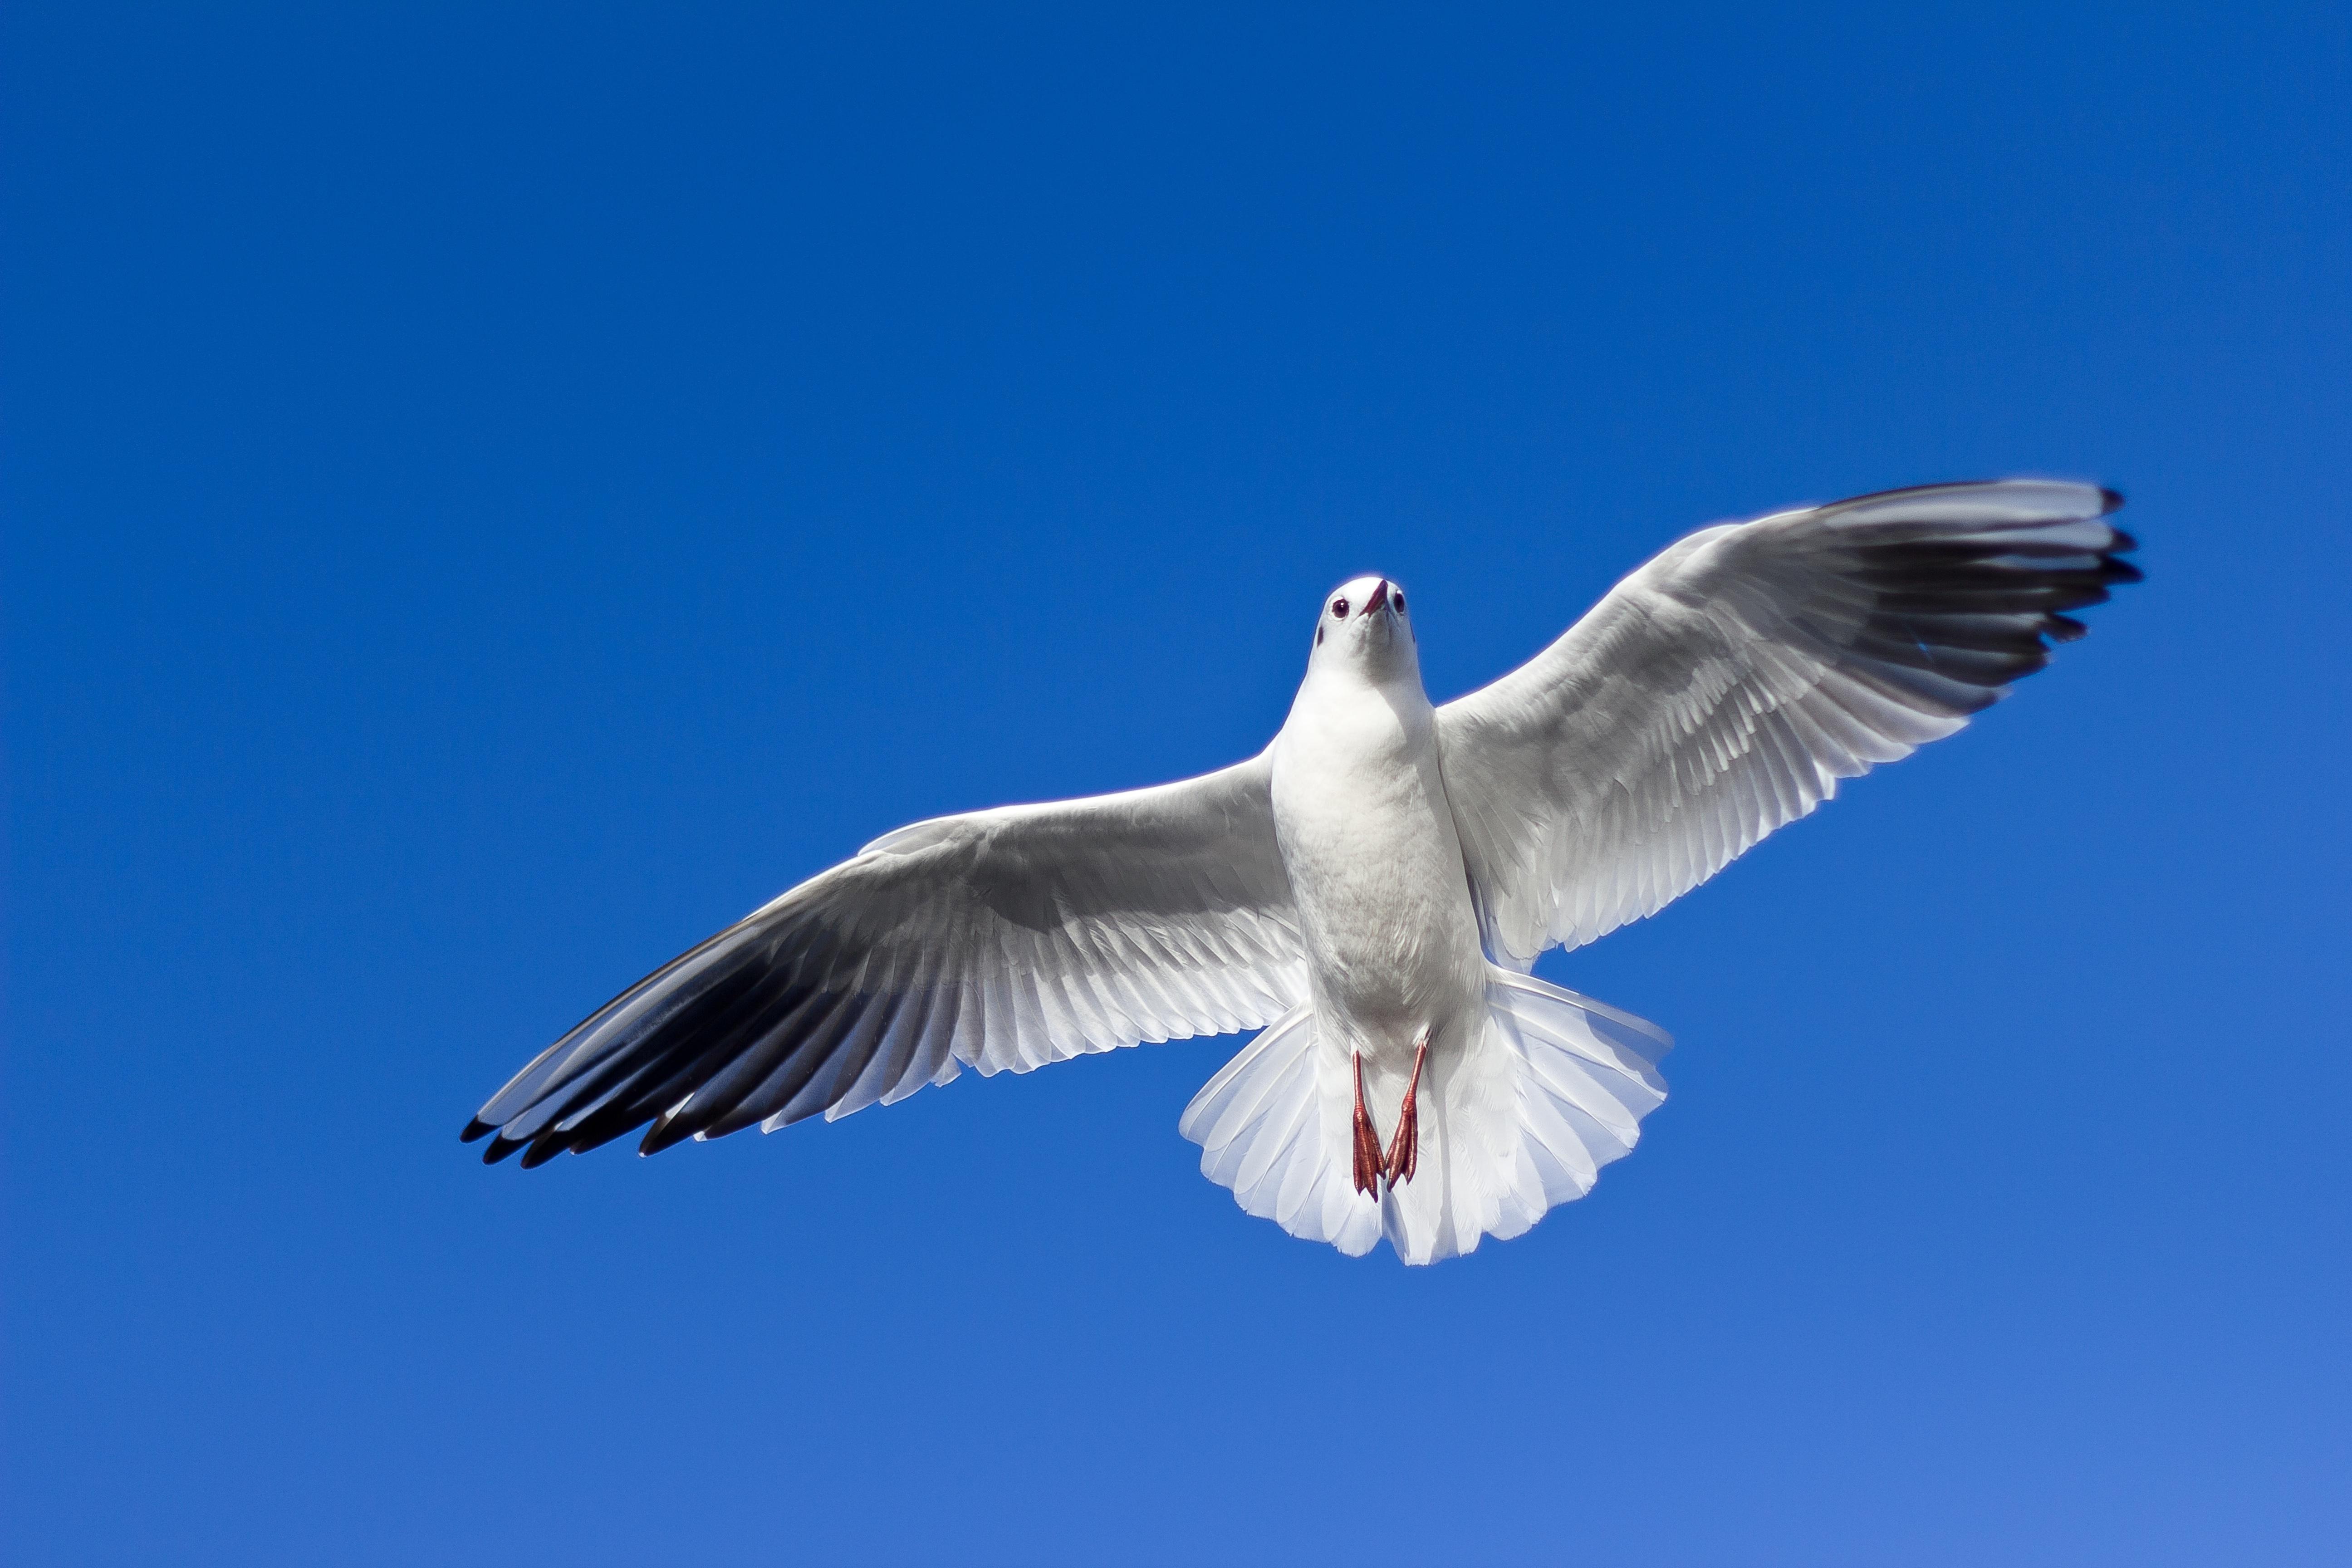 фото другие картинки парящие птицы повествует